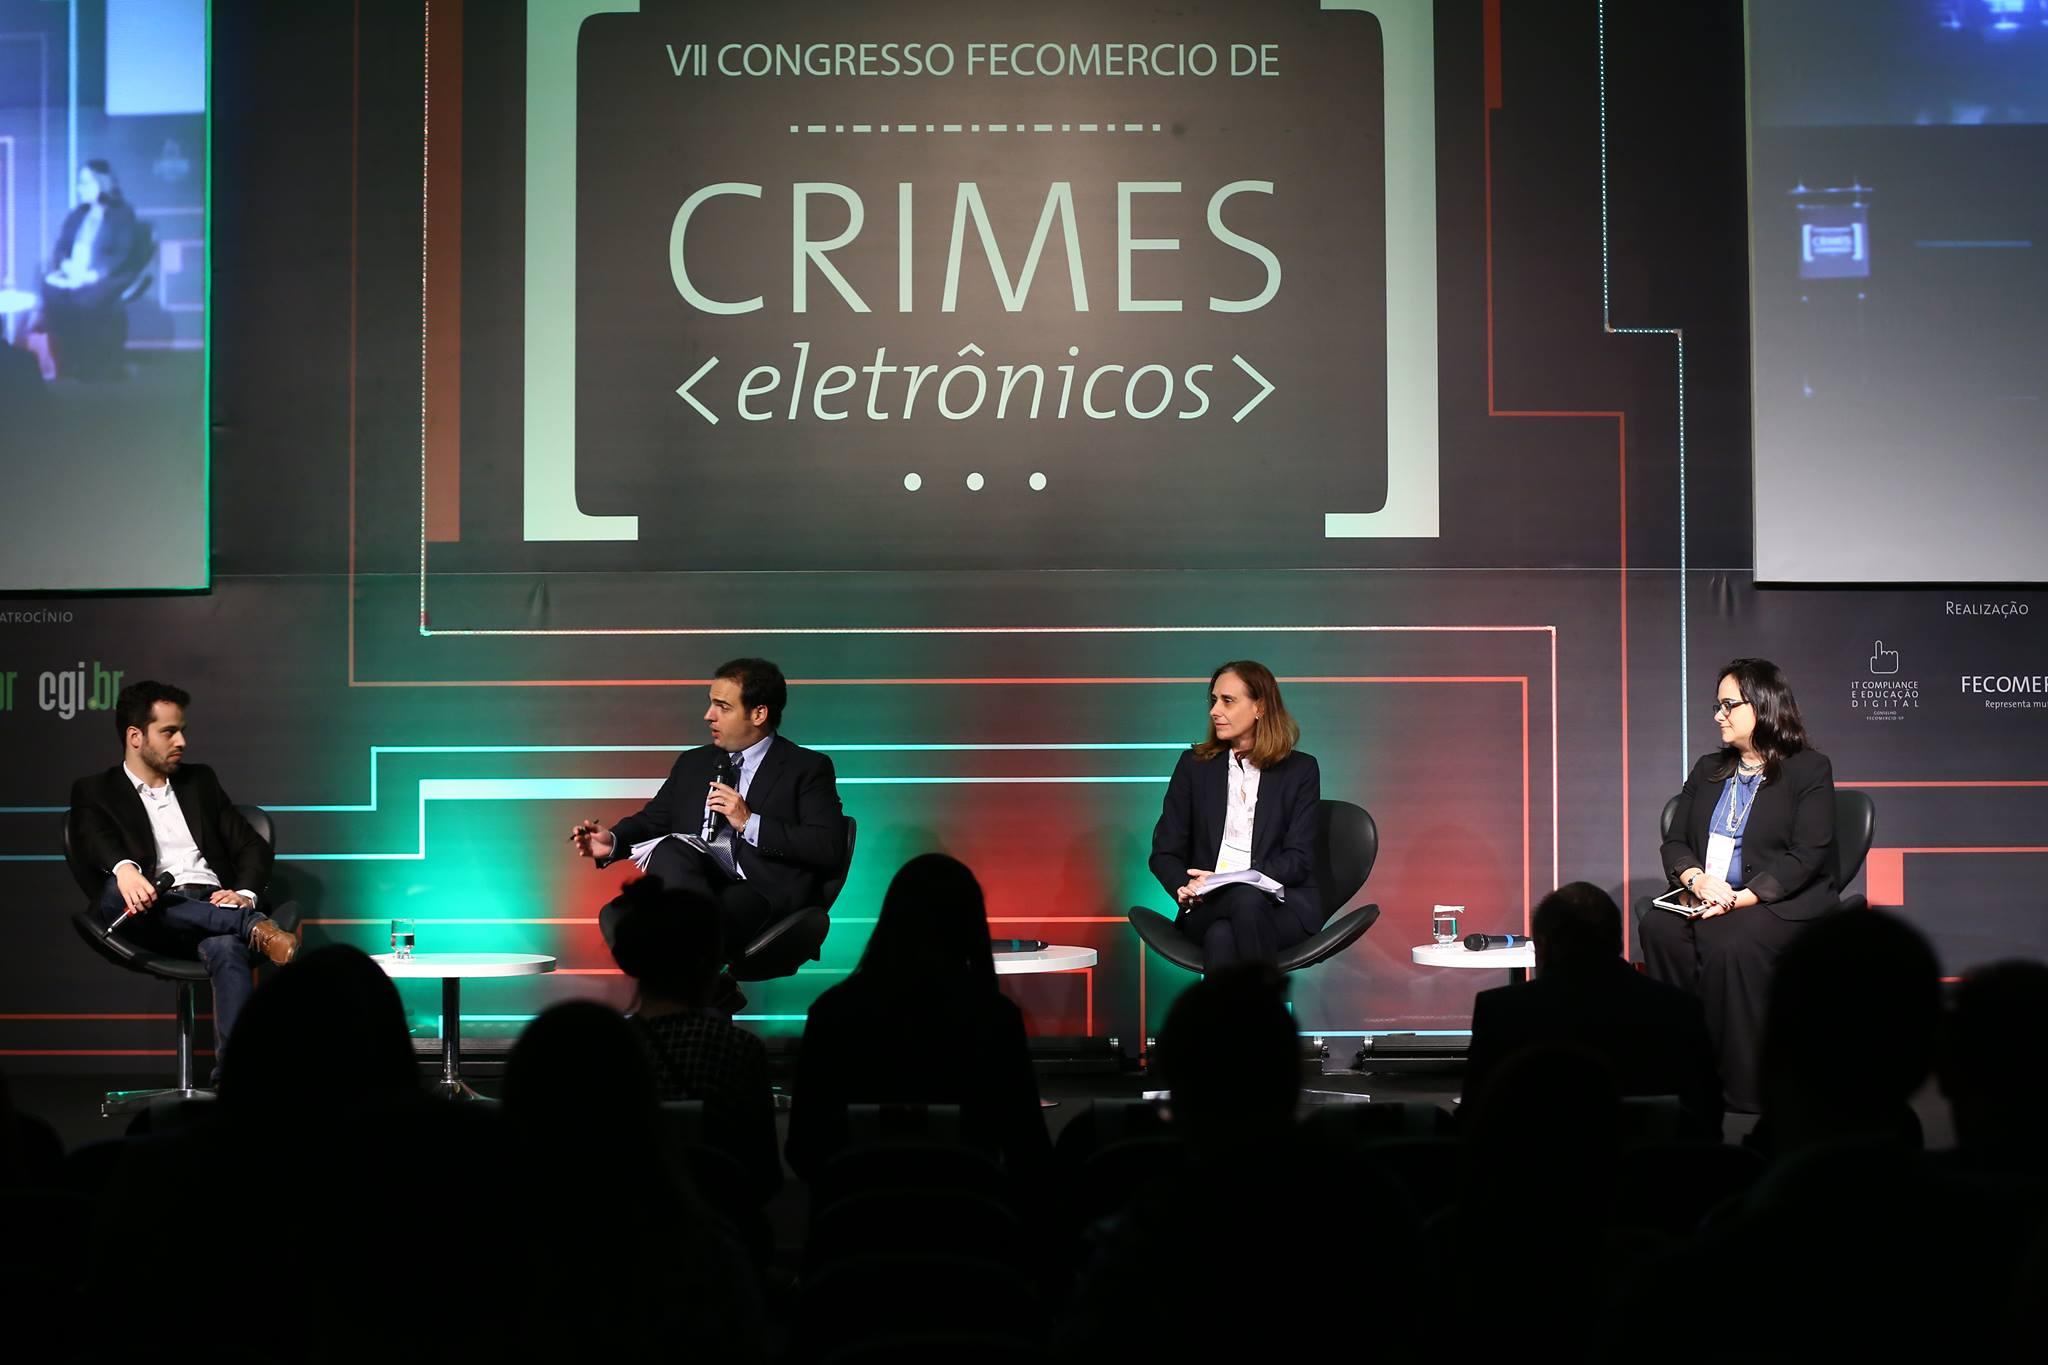 Assegurar dados pessoais e cadastrais é desafio no campo cibernético